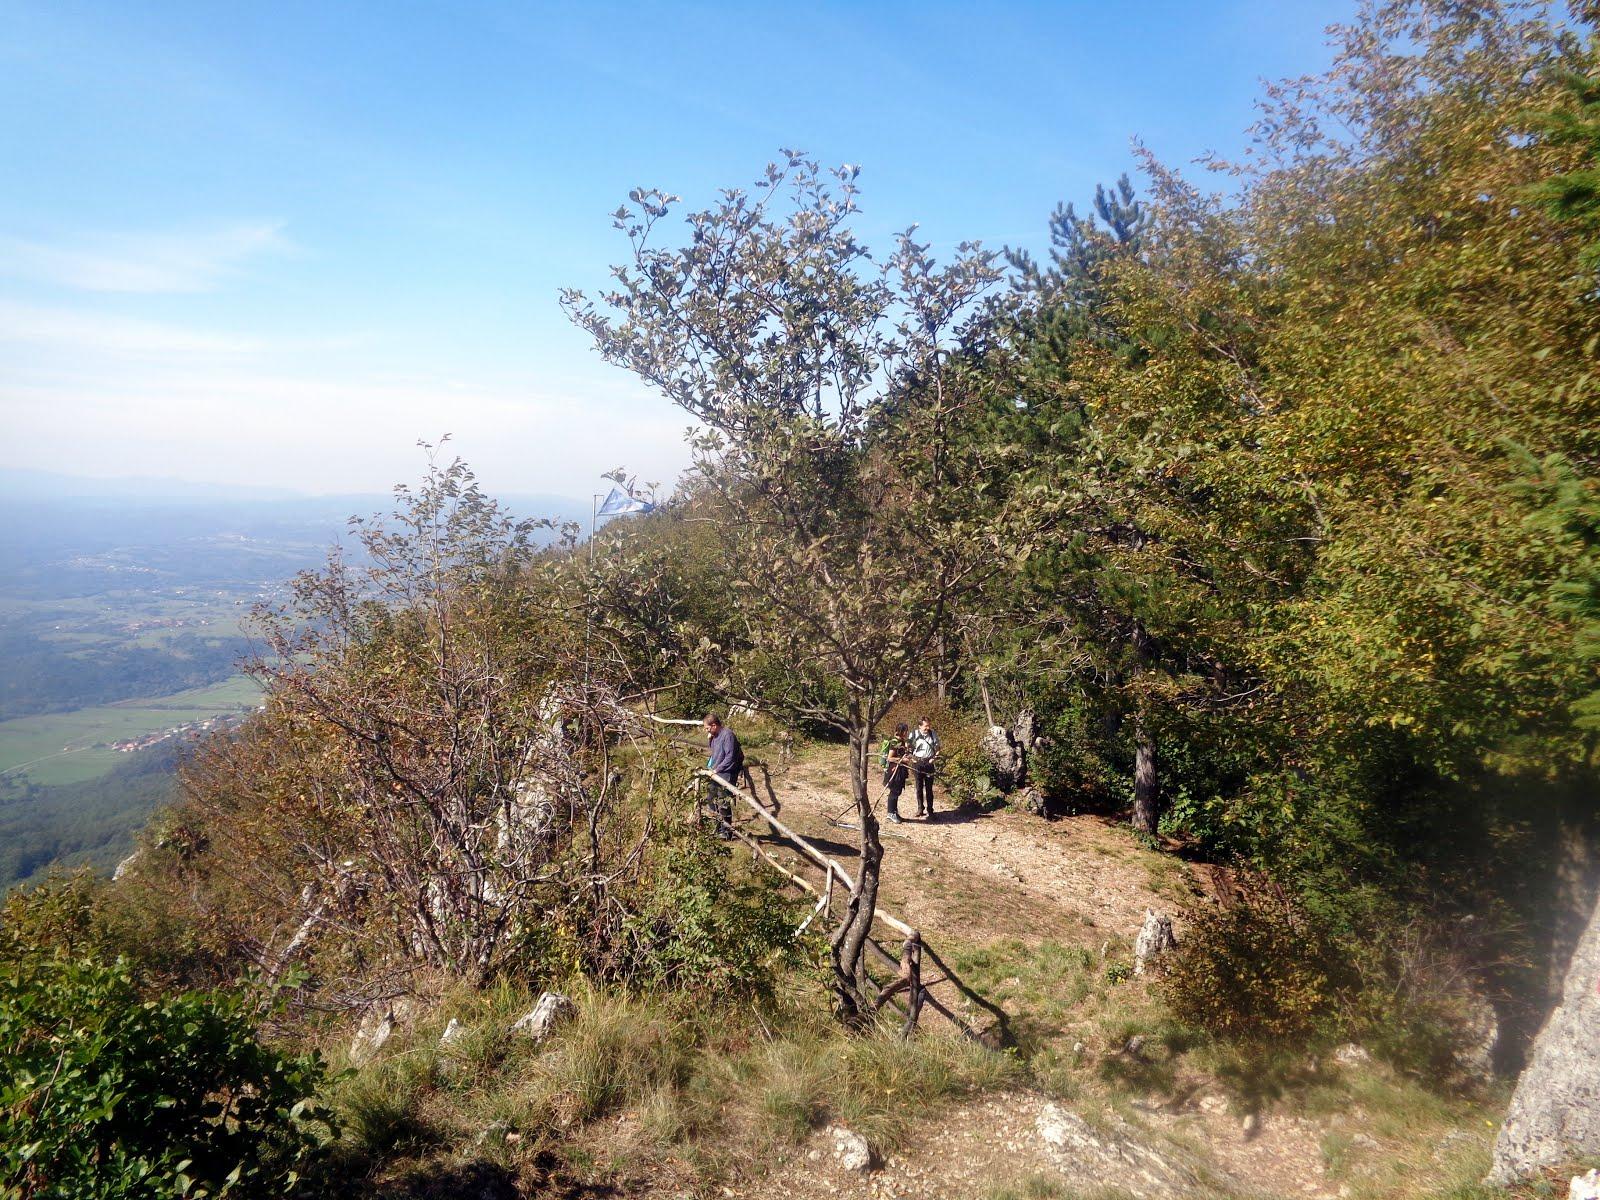 Traversata in 5 tappe della valle del fiume Timavo - Seconda tappa: nei suoi colli settentrionali